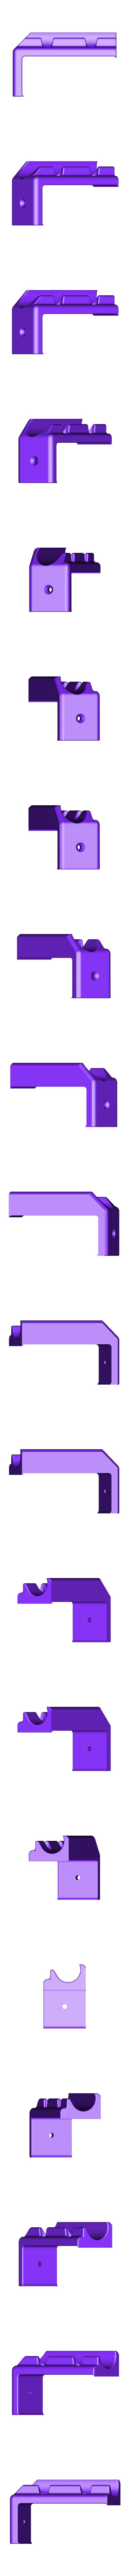 grinder_cutoff_-_34_emt_guide.stl Download free STL file Angle Grinder Chop Saw for EMT Conduit and 2020 Extrusion • 3D printer design, idig3d